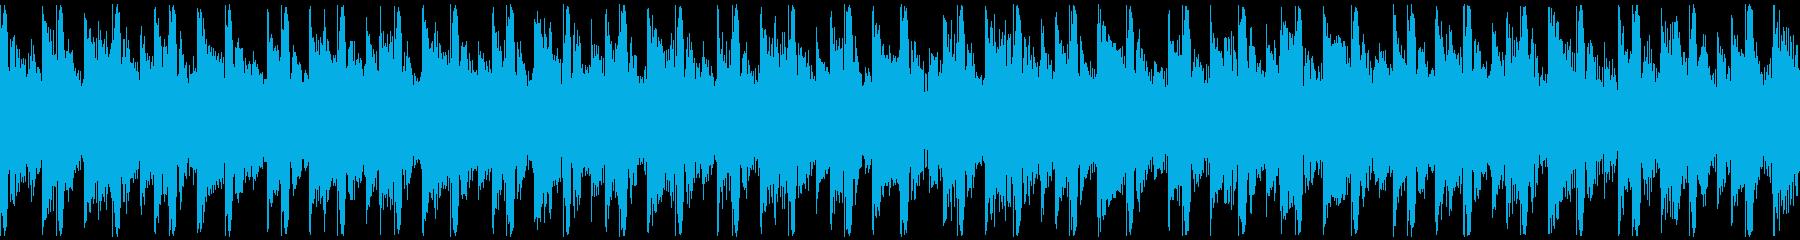 高揚感あふれるポップ(ループ)の再生済みの波形